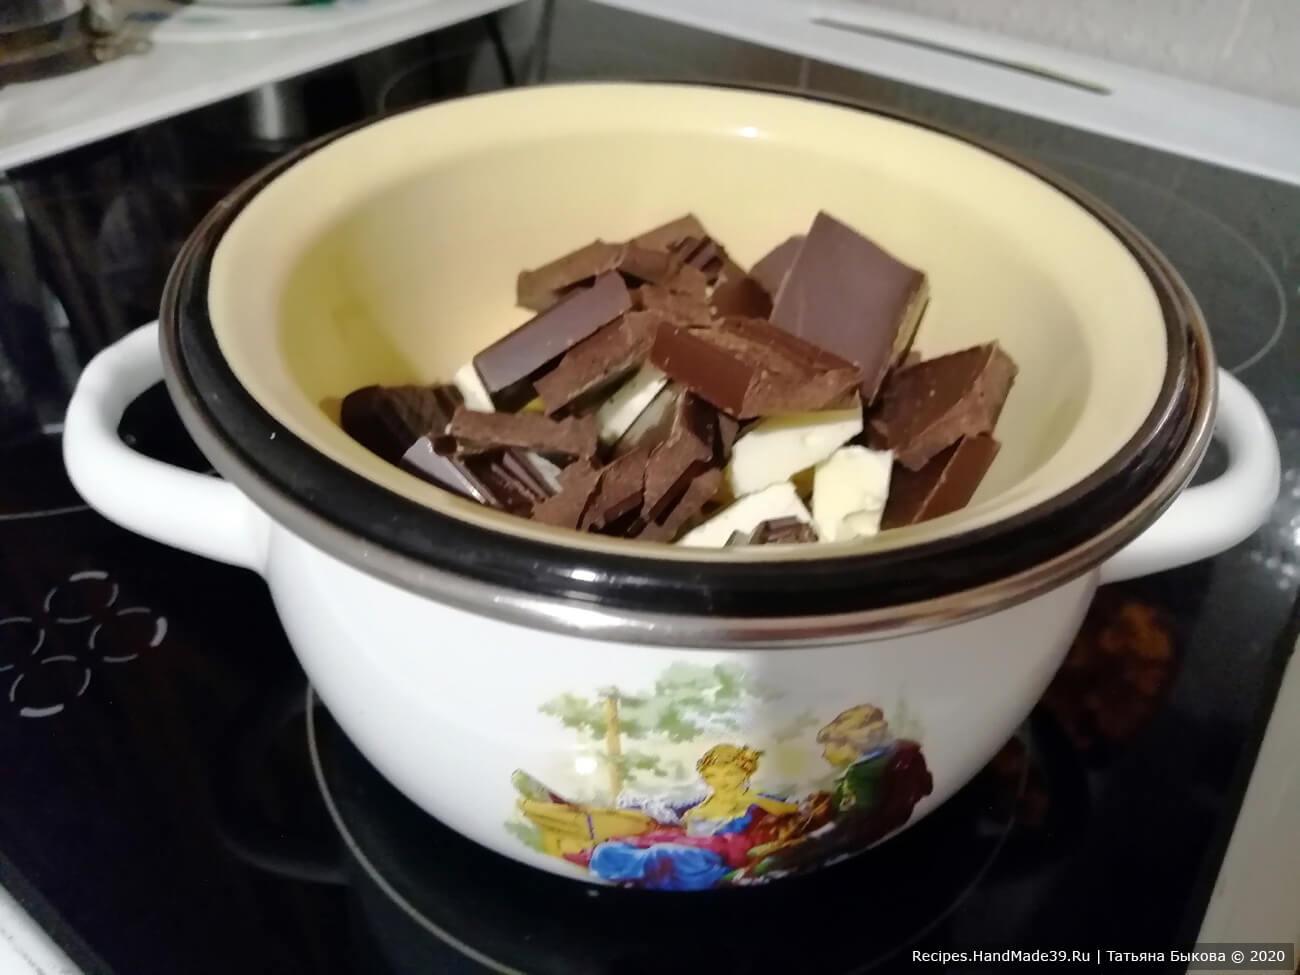 Горький шоколад и сливочное масло растопить на паровой бане